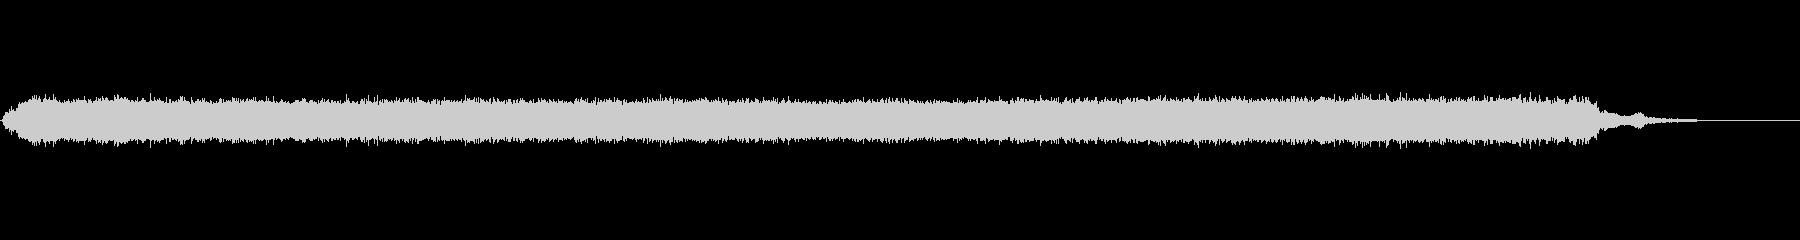 掃除機-ケーブル入力-掃除機-封筒-2の未再生の波形